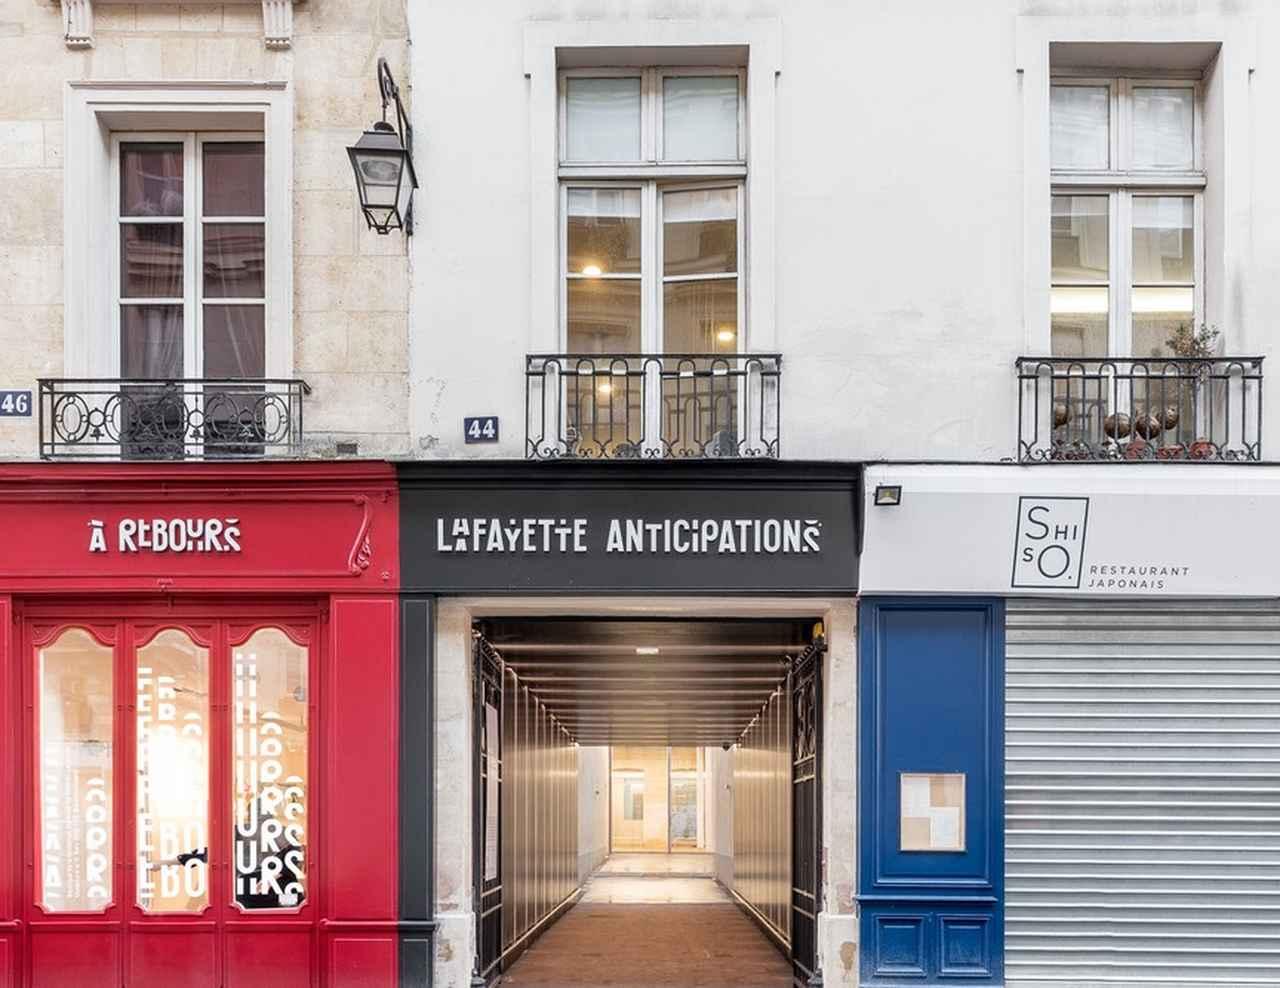 Images : 6番目の画像 - 「伝統と未来が交錯する パリ、マレ地区に誕生した 現代アートの新・発信地」のアルバム - T JAPAN:The New York Times Style Magazine 公式サイト